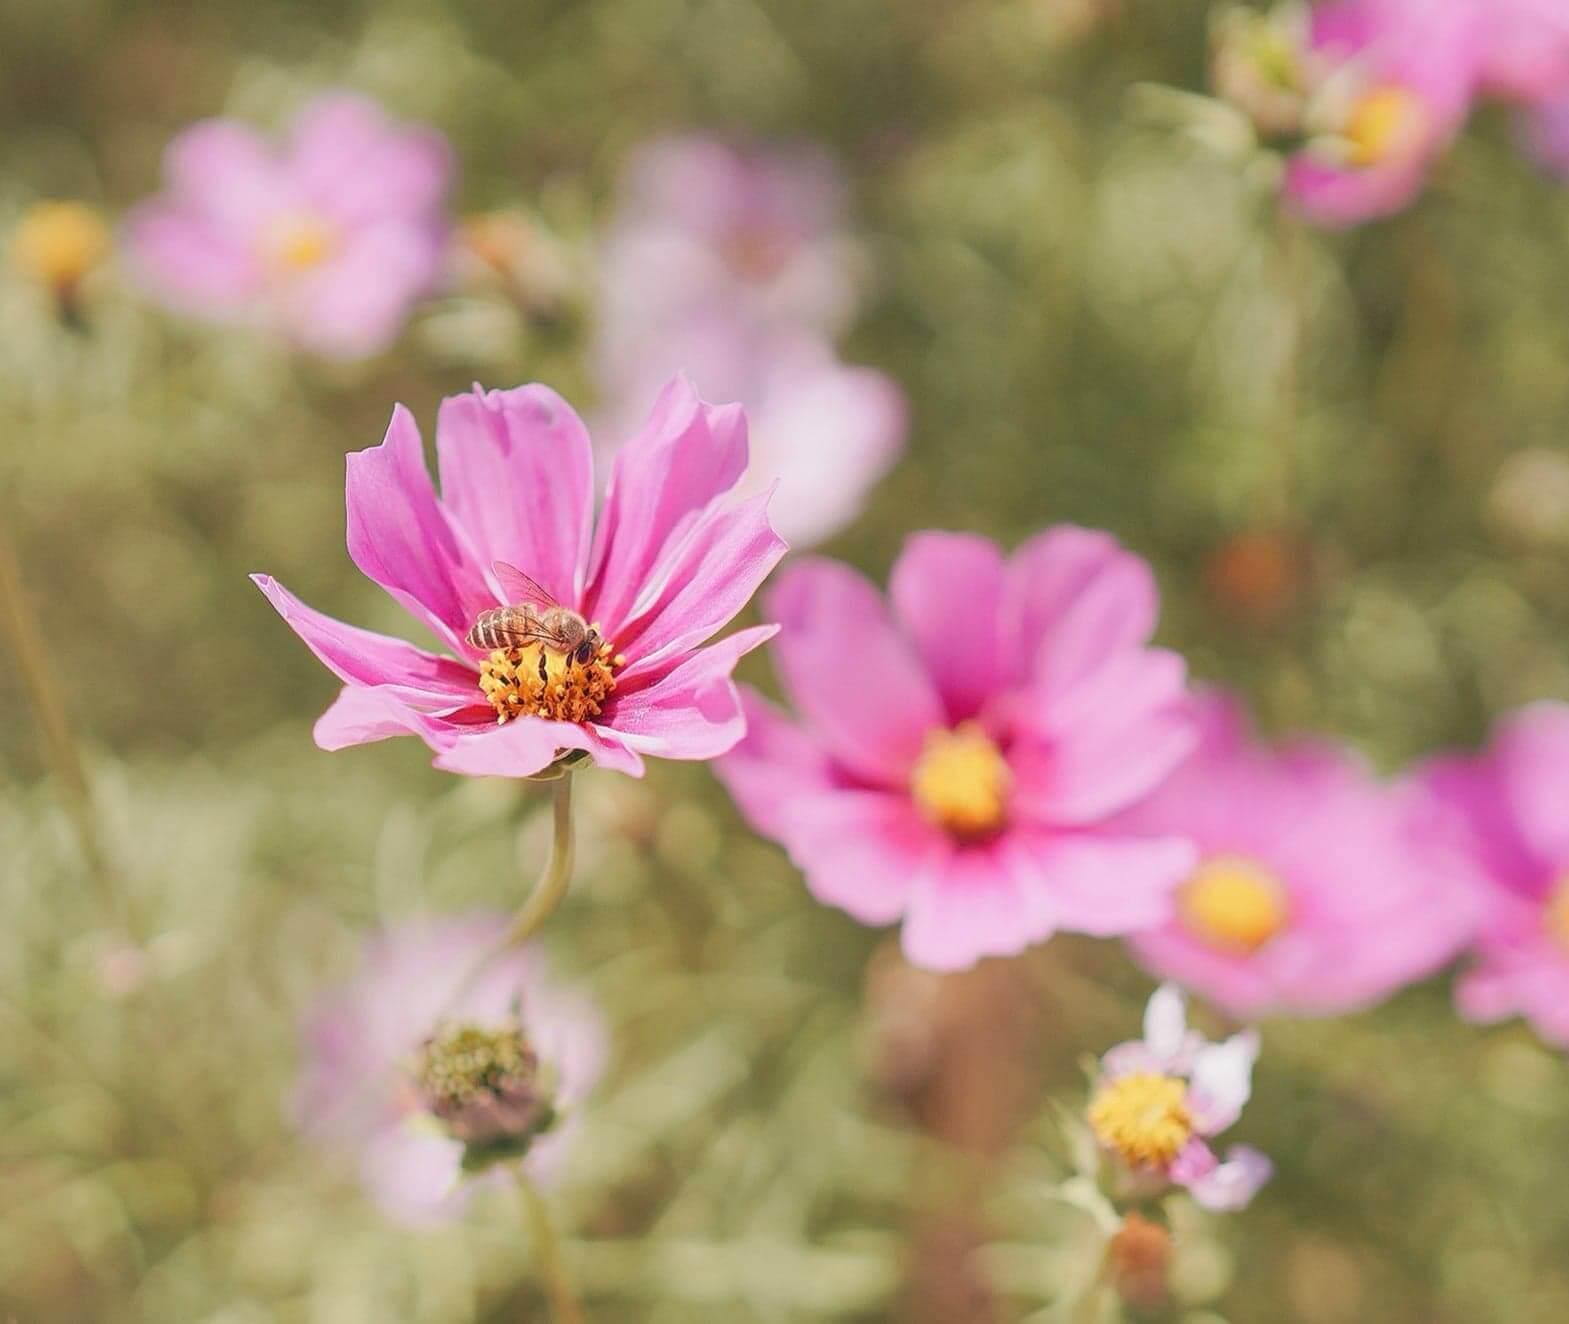 停在花朵上的蜜峰,是理想的攝影素材!